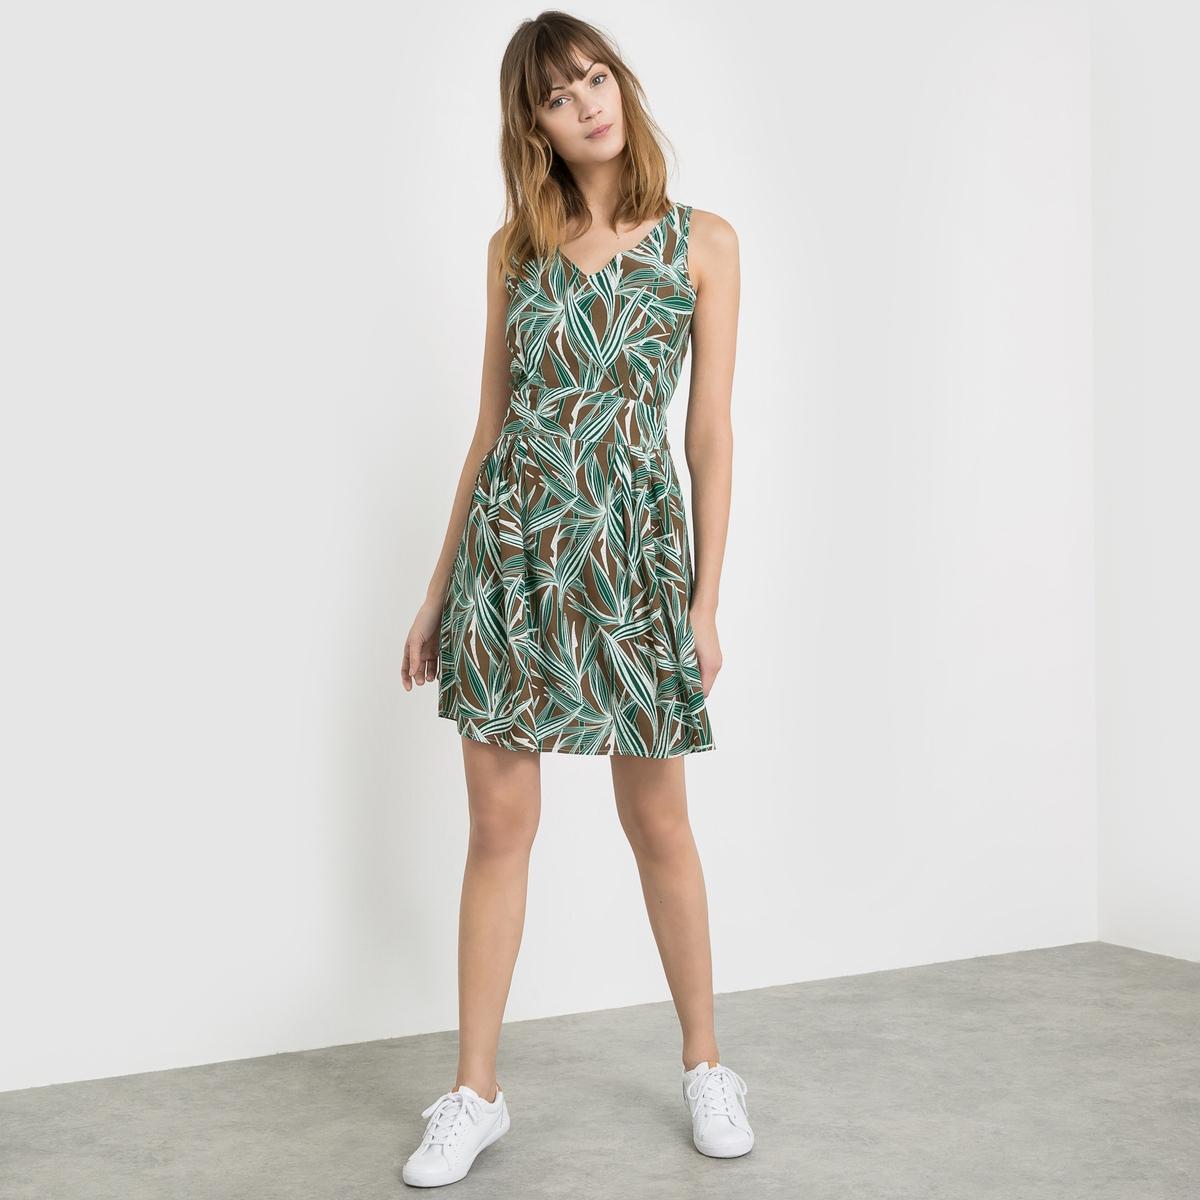 Платье из струящейся ткани без рукавов с рисунком листья, V-образным вырезом и вставкой сзади